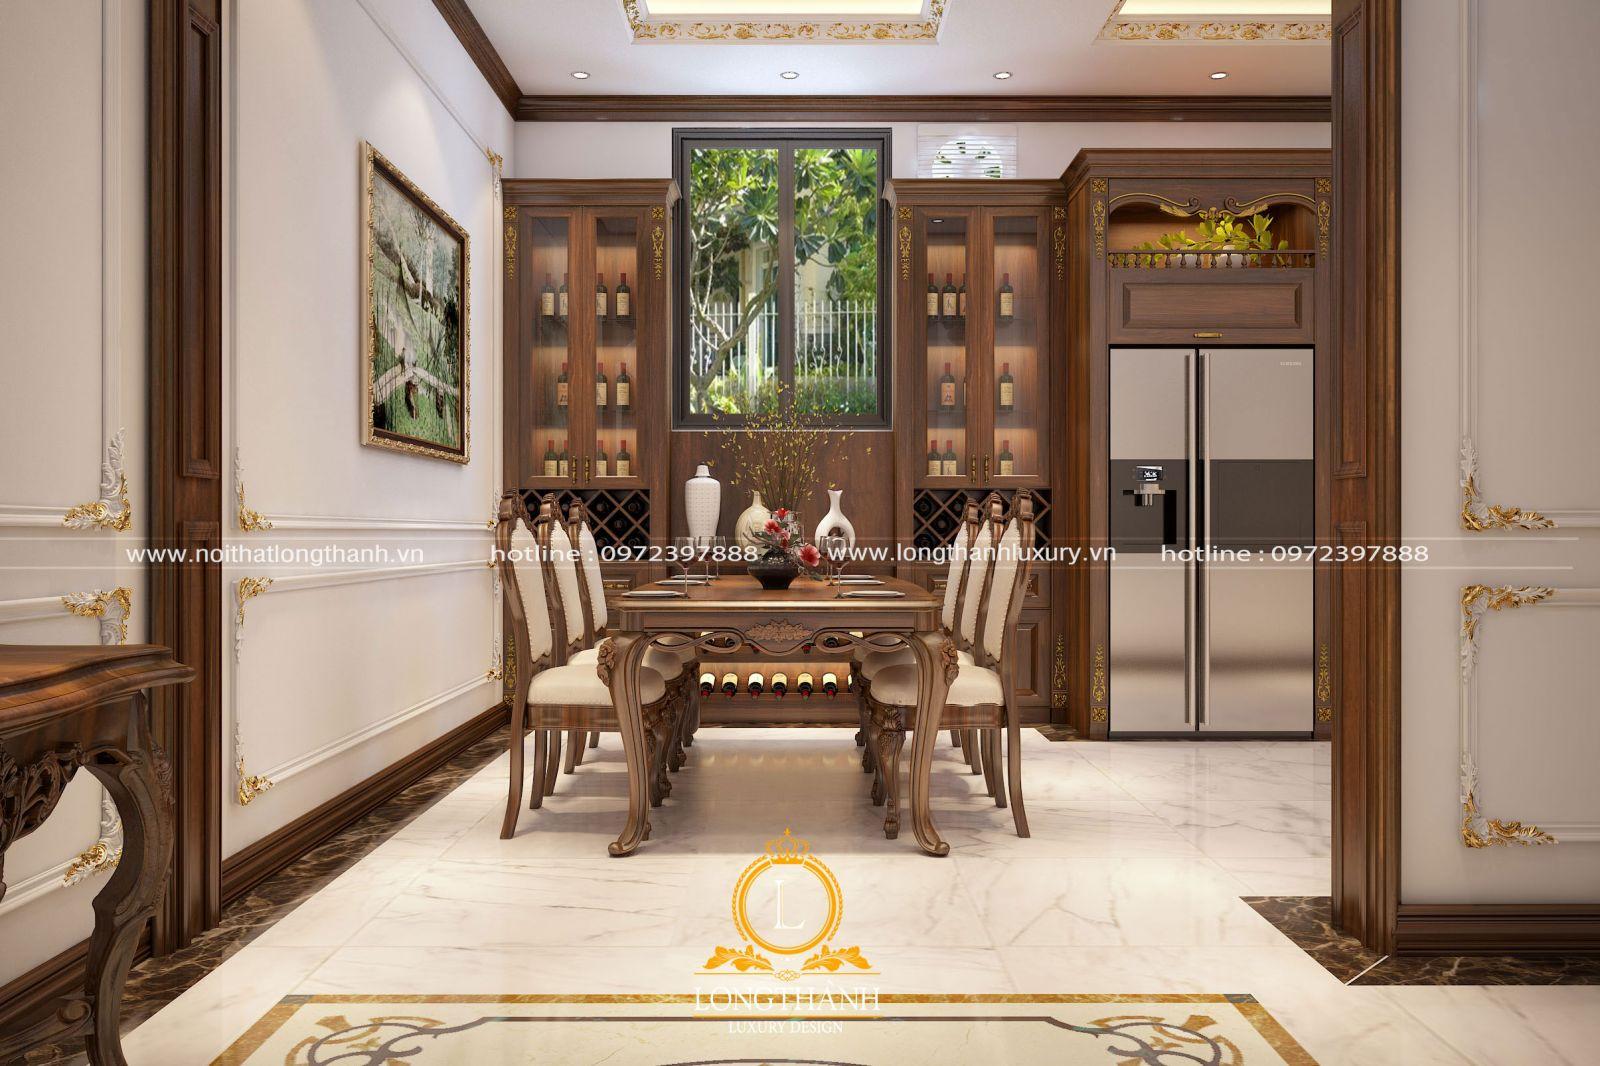 Tủ rượu đẹp được thiết kế bố trí linh hoạt trong không gian phòng bếp